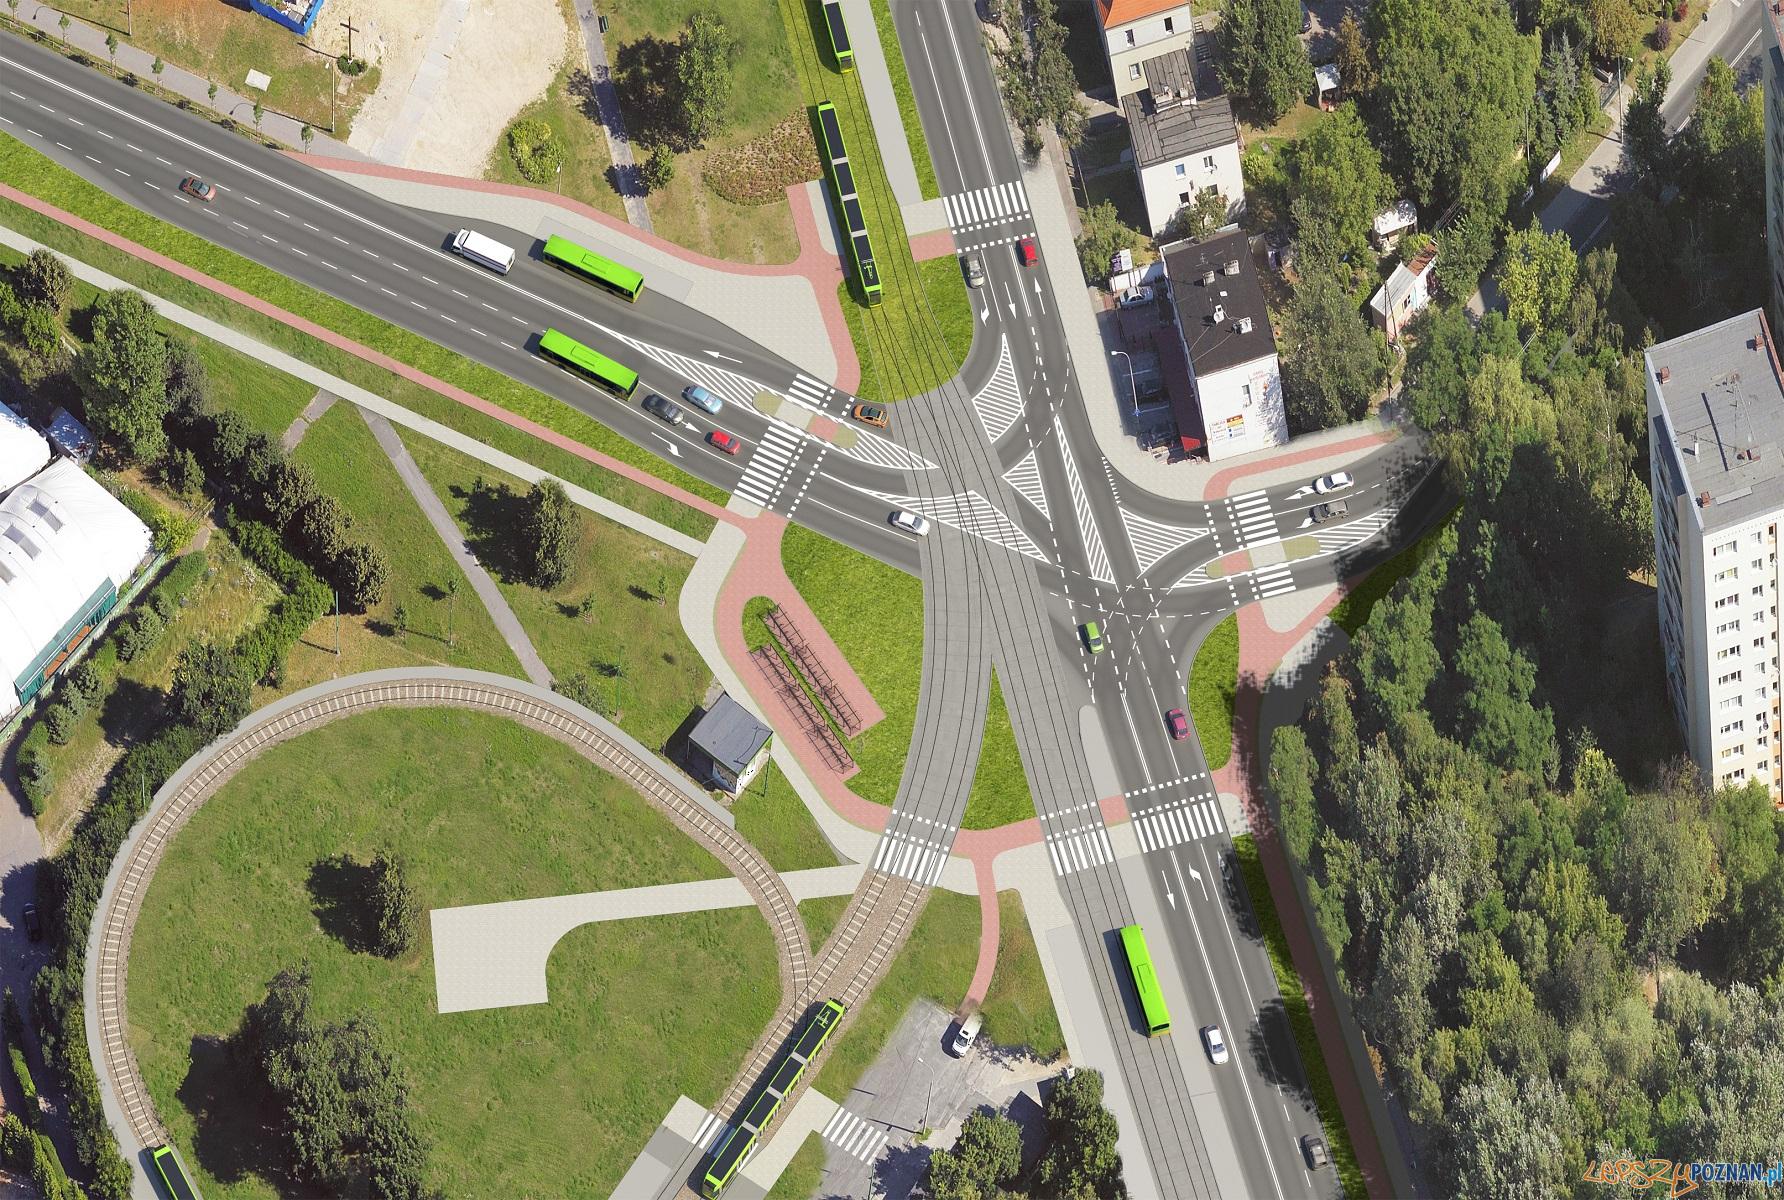 Wstępne wizualizacje II etapu trasy tramwajowej na Naramowice  Foto: materiały prasowe